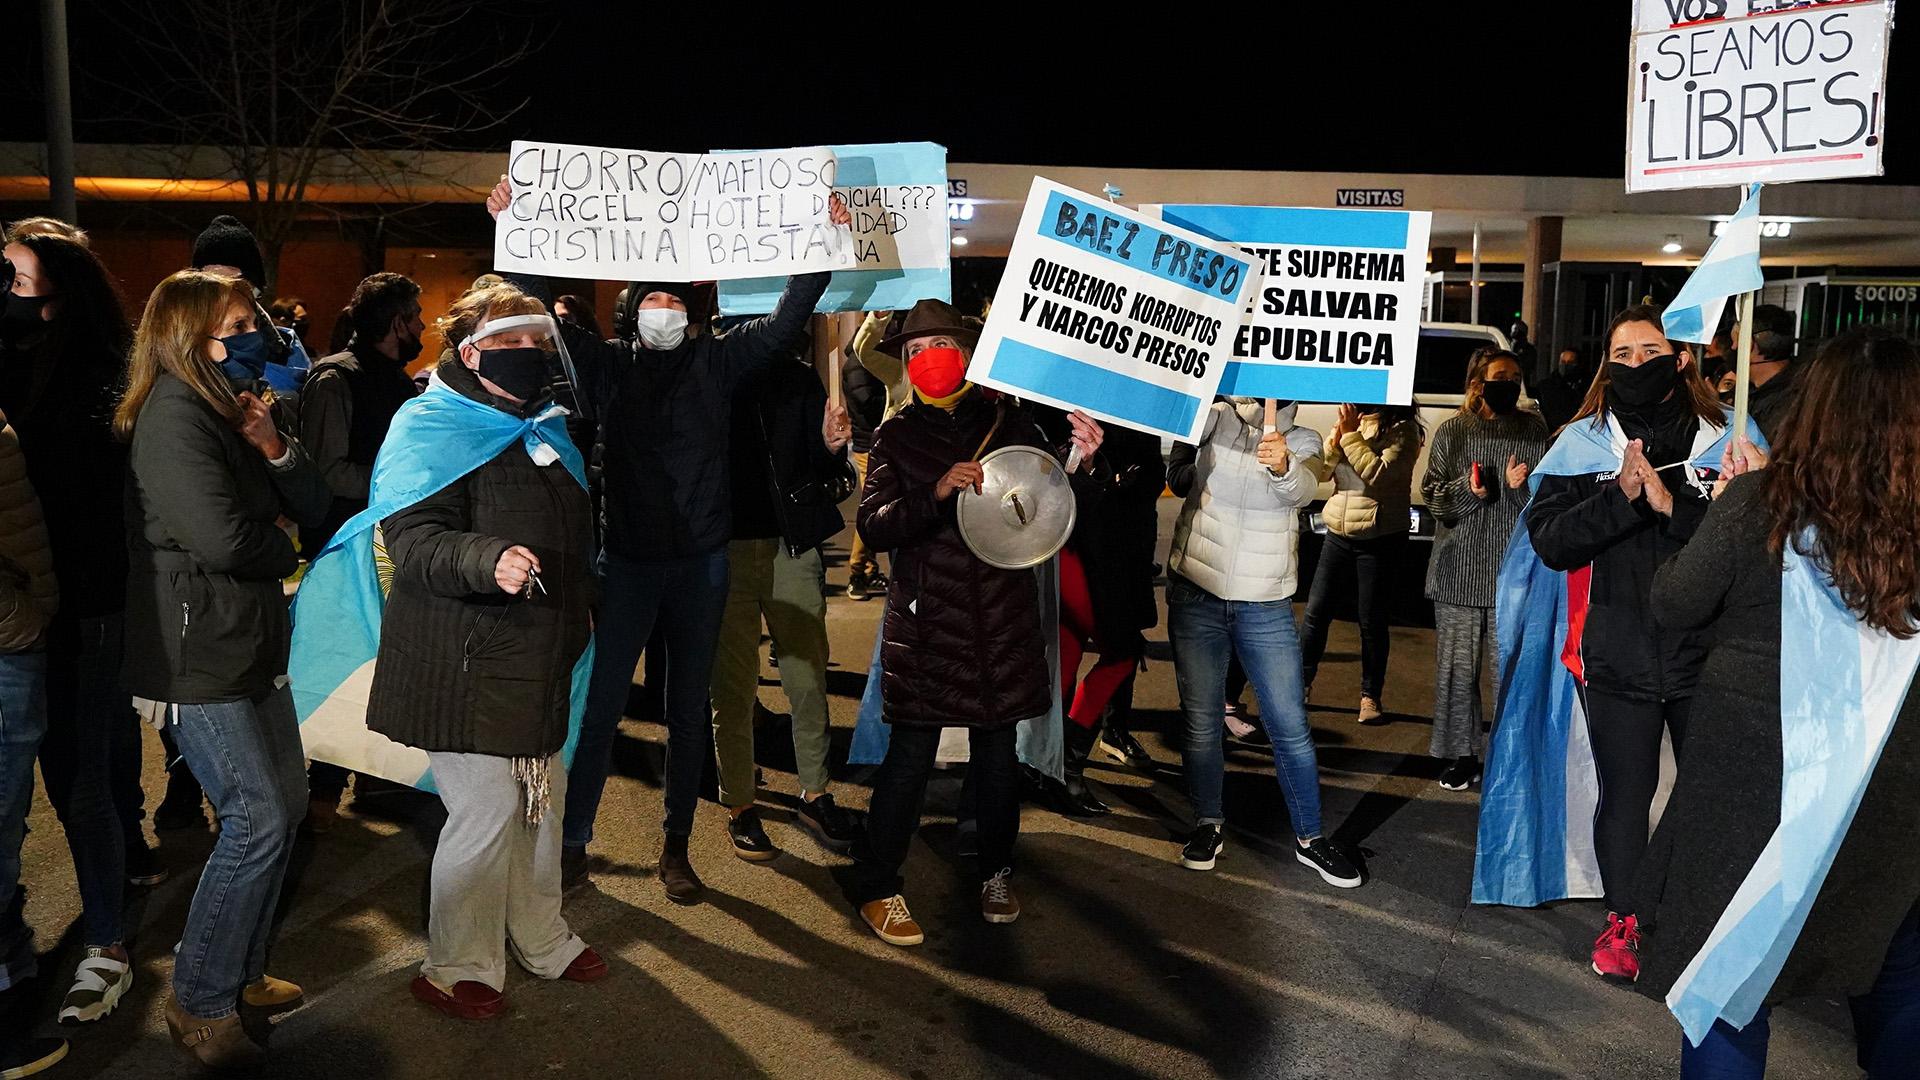 Los vehículos lograron superaron el portón después de un tercer intento, cerca de las 21, pero los manifestantes impidieron que el vehículo de Báez avanzara